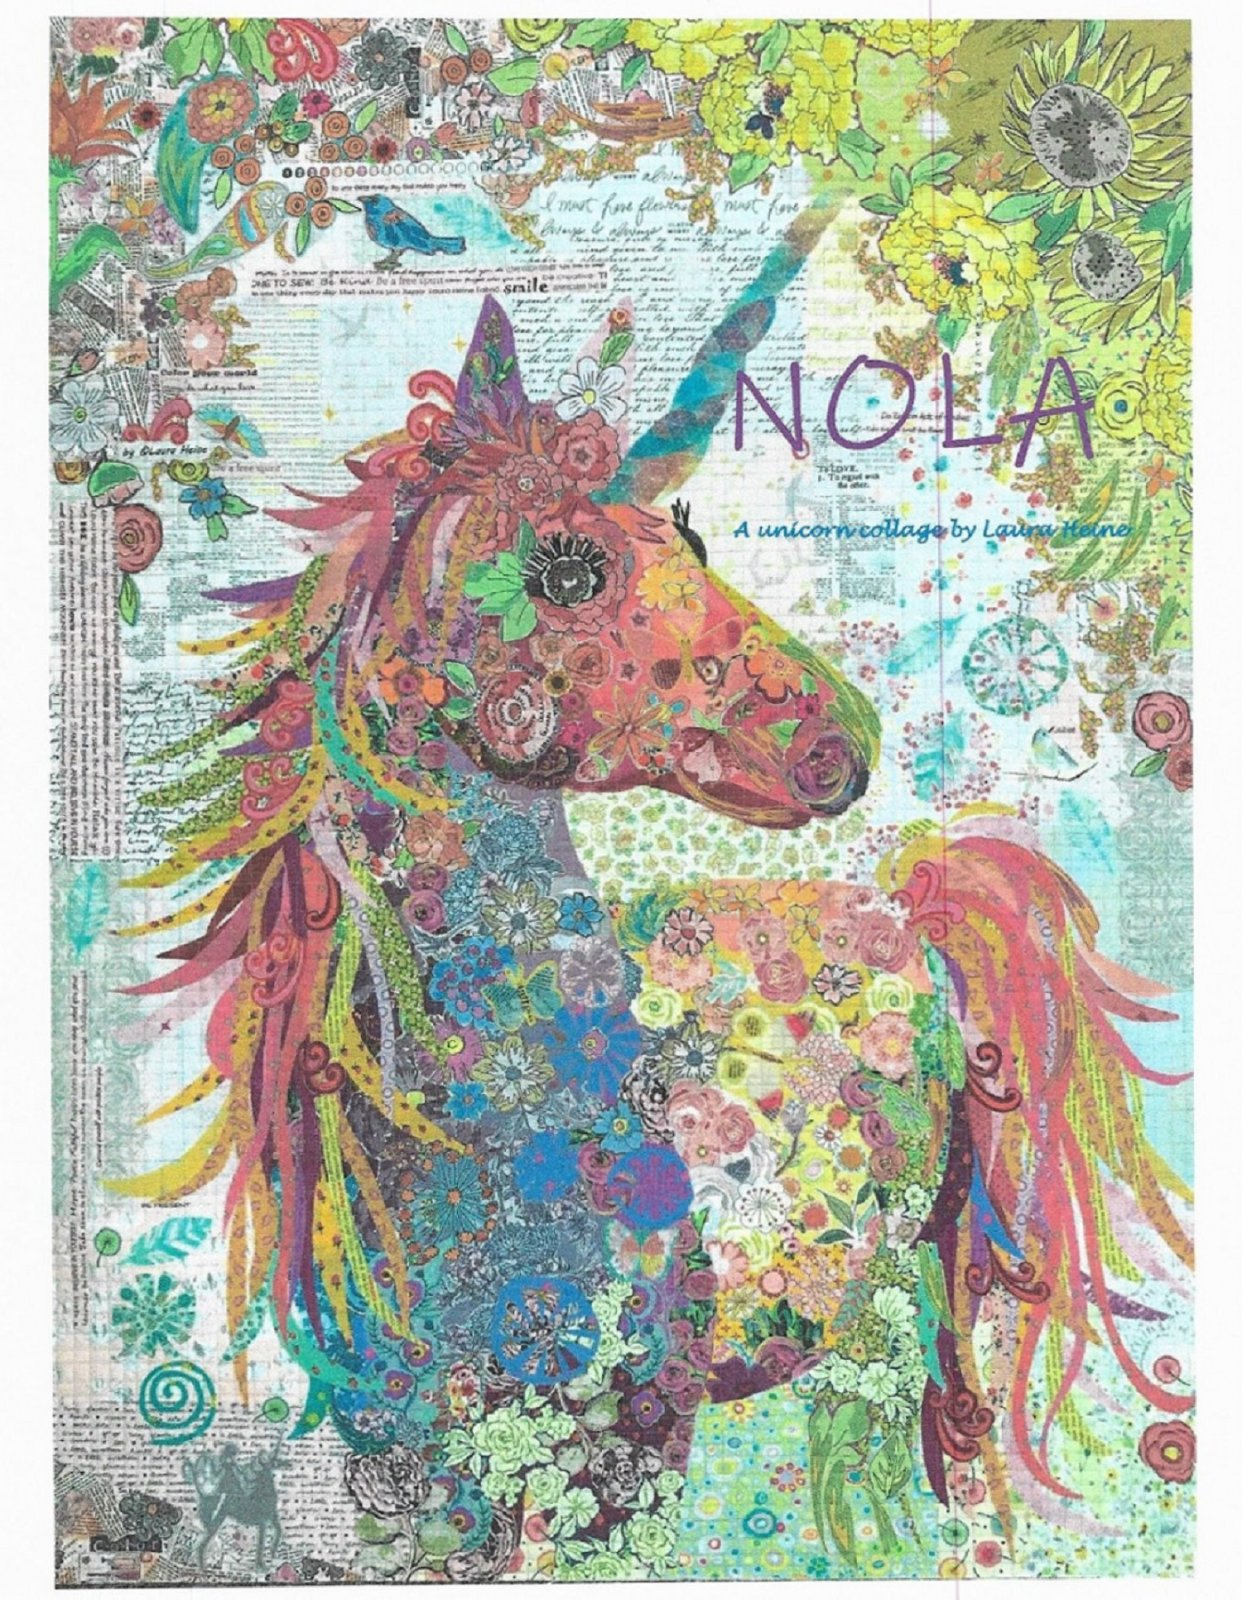 Nola Collage Quilt Pattern By Laura Heine of Fiberworks